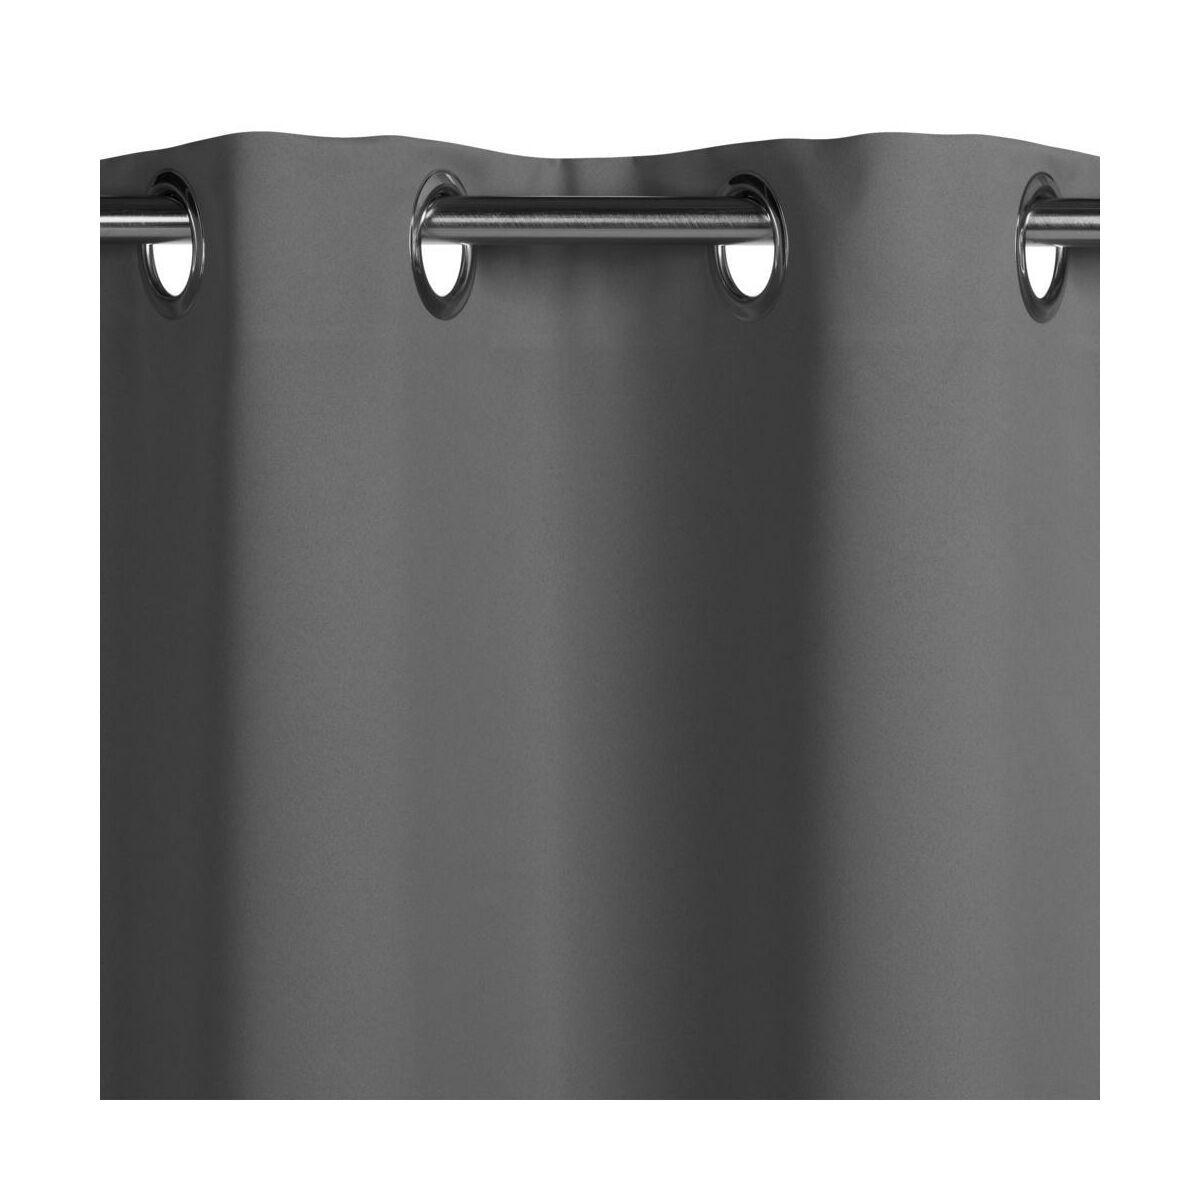 Zaslona Zaciemniajaca Blackout Ciemnoszara 140 X 260 Cm Na Przelotkach Inspire Zaslony Gotowe W Atrakcyjnej Cenie W Sklepach Leroy Merlin